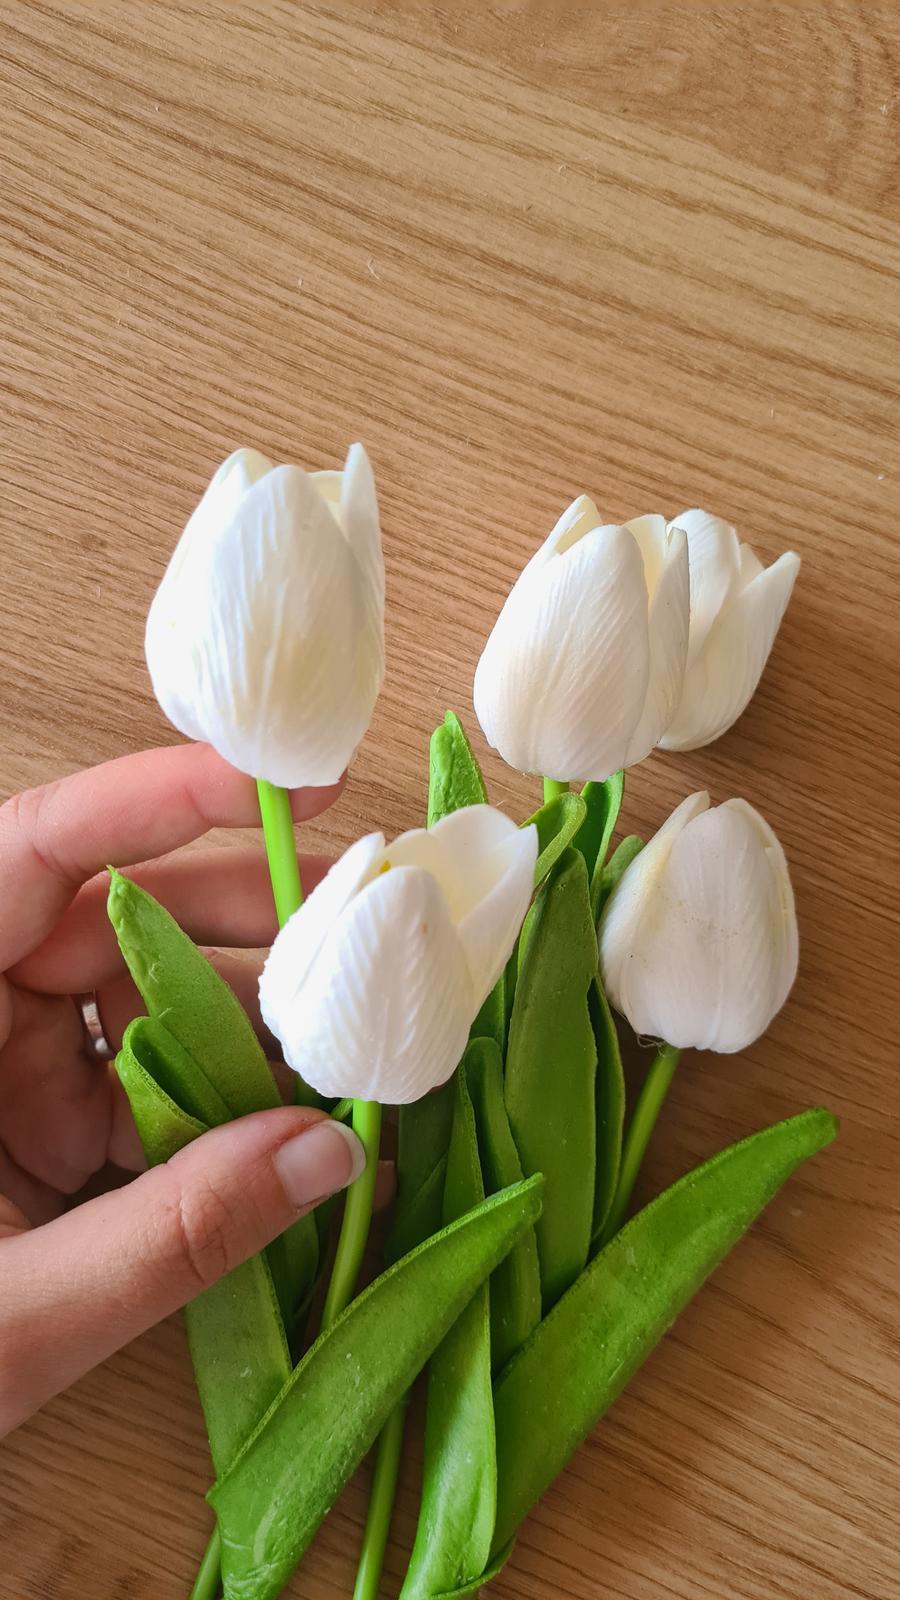 Umělé tulipány - 10 ks - Obrázek č. 1